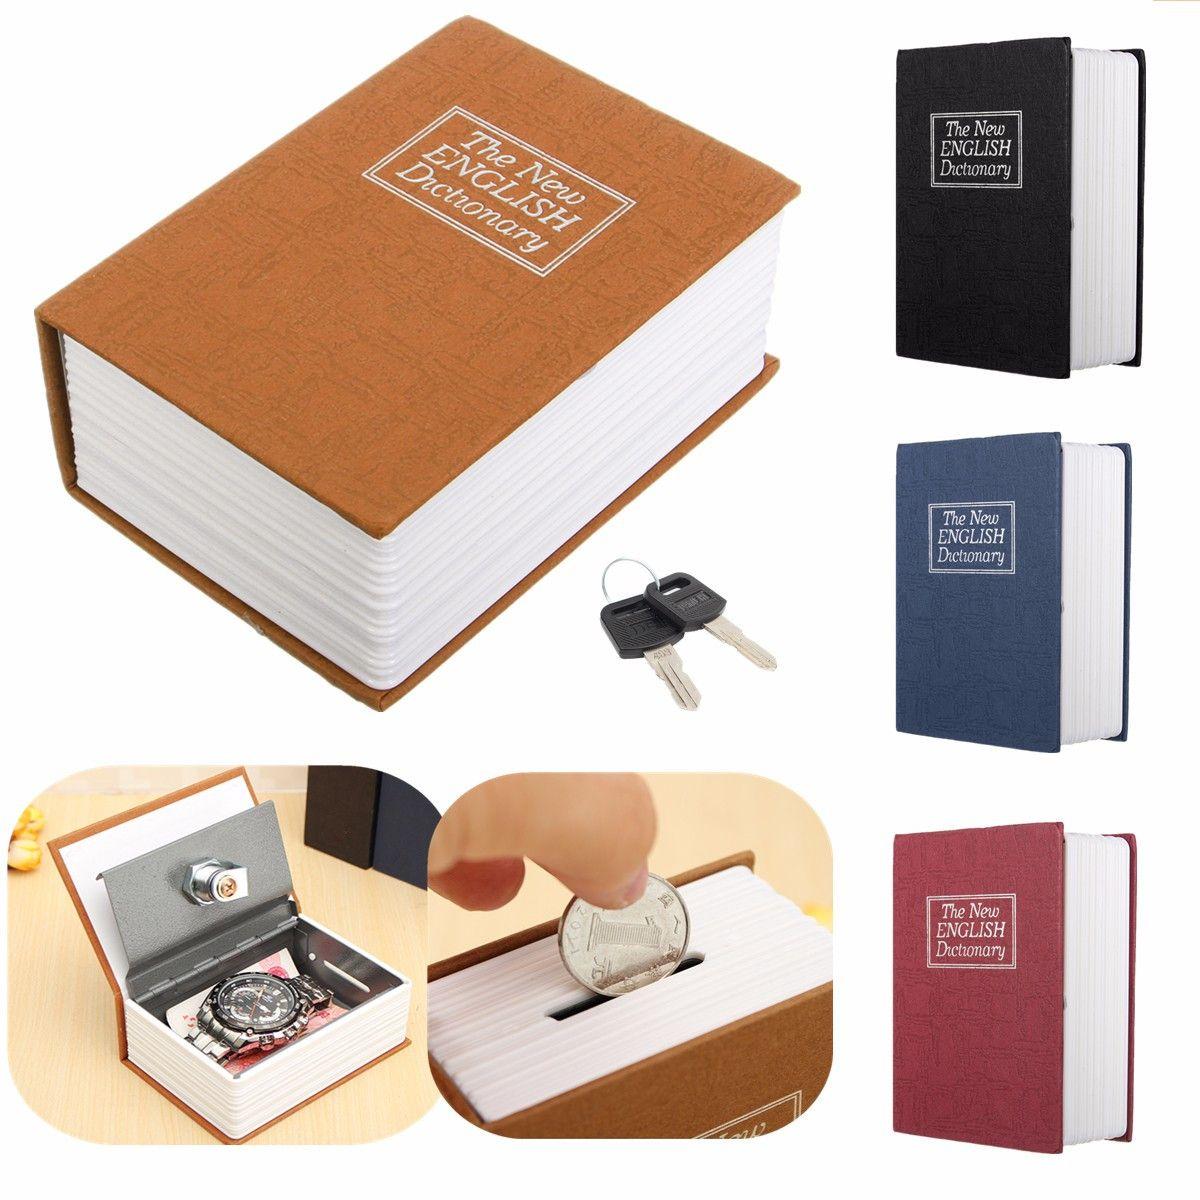 Wörterbuch Mini Safe Buch Geld Verstecken Geheimnis Sicherheit Safe Lock Cash Geld Münze Lagerung Schmuck key Locker Kid Geschenk